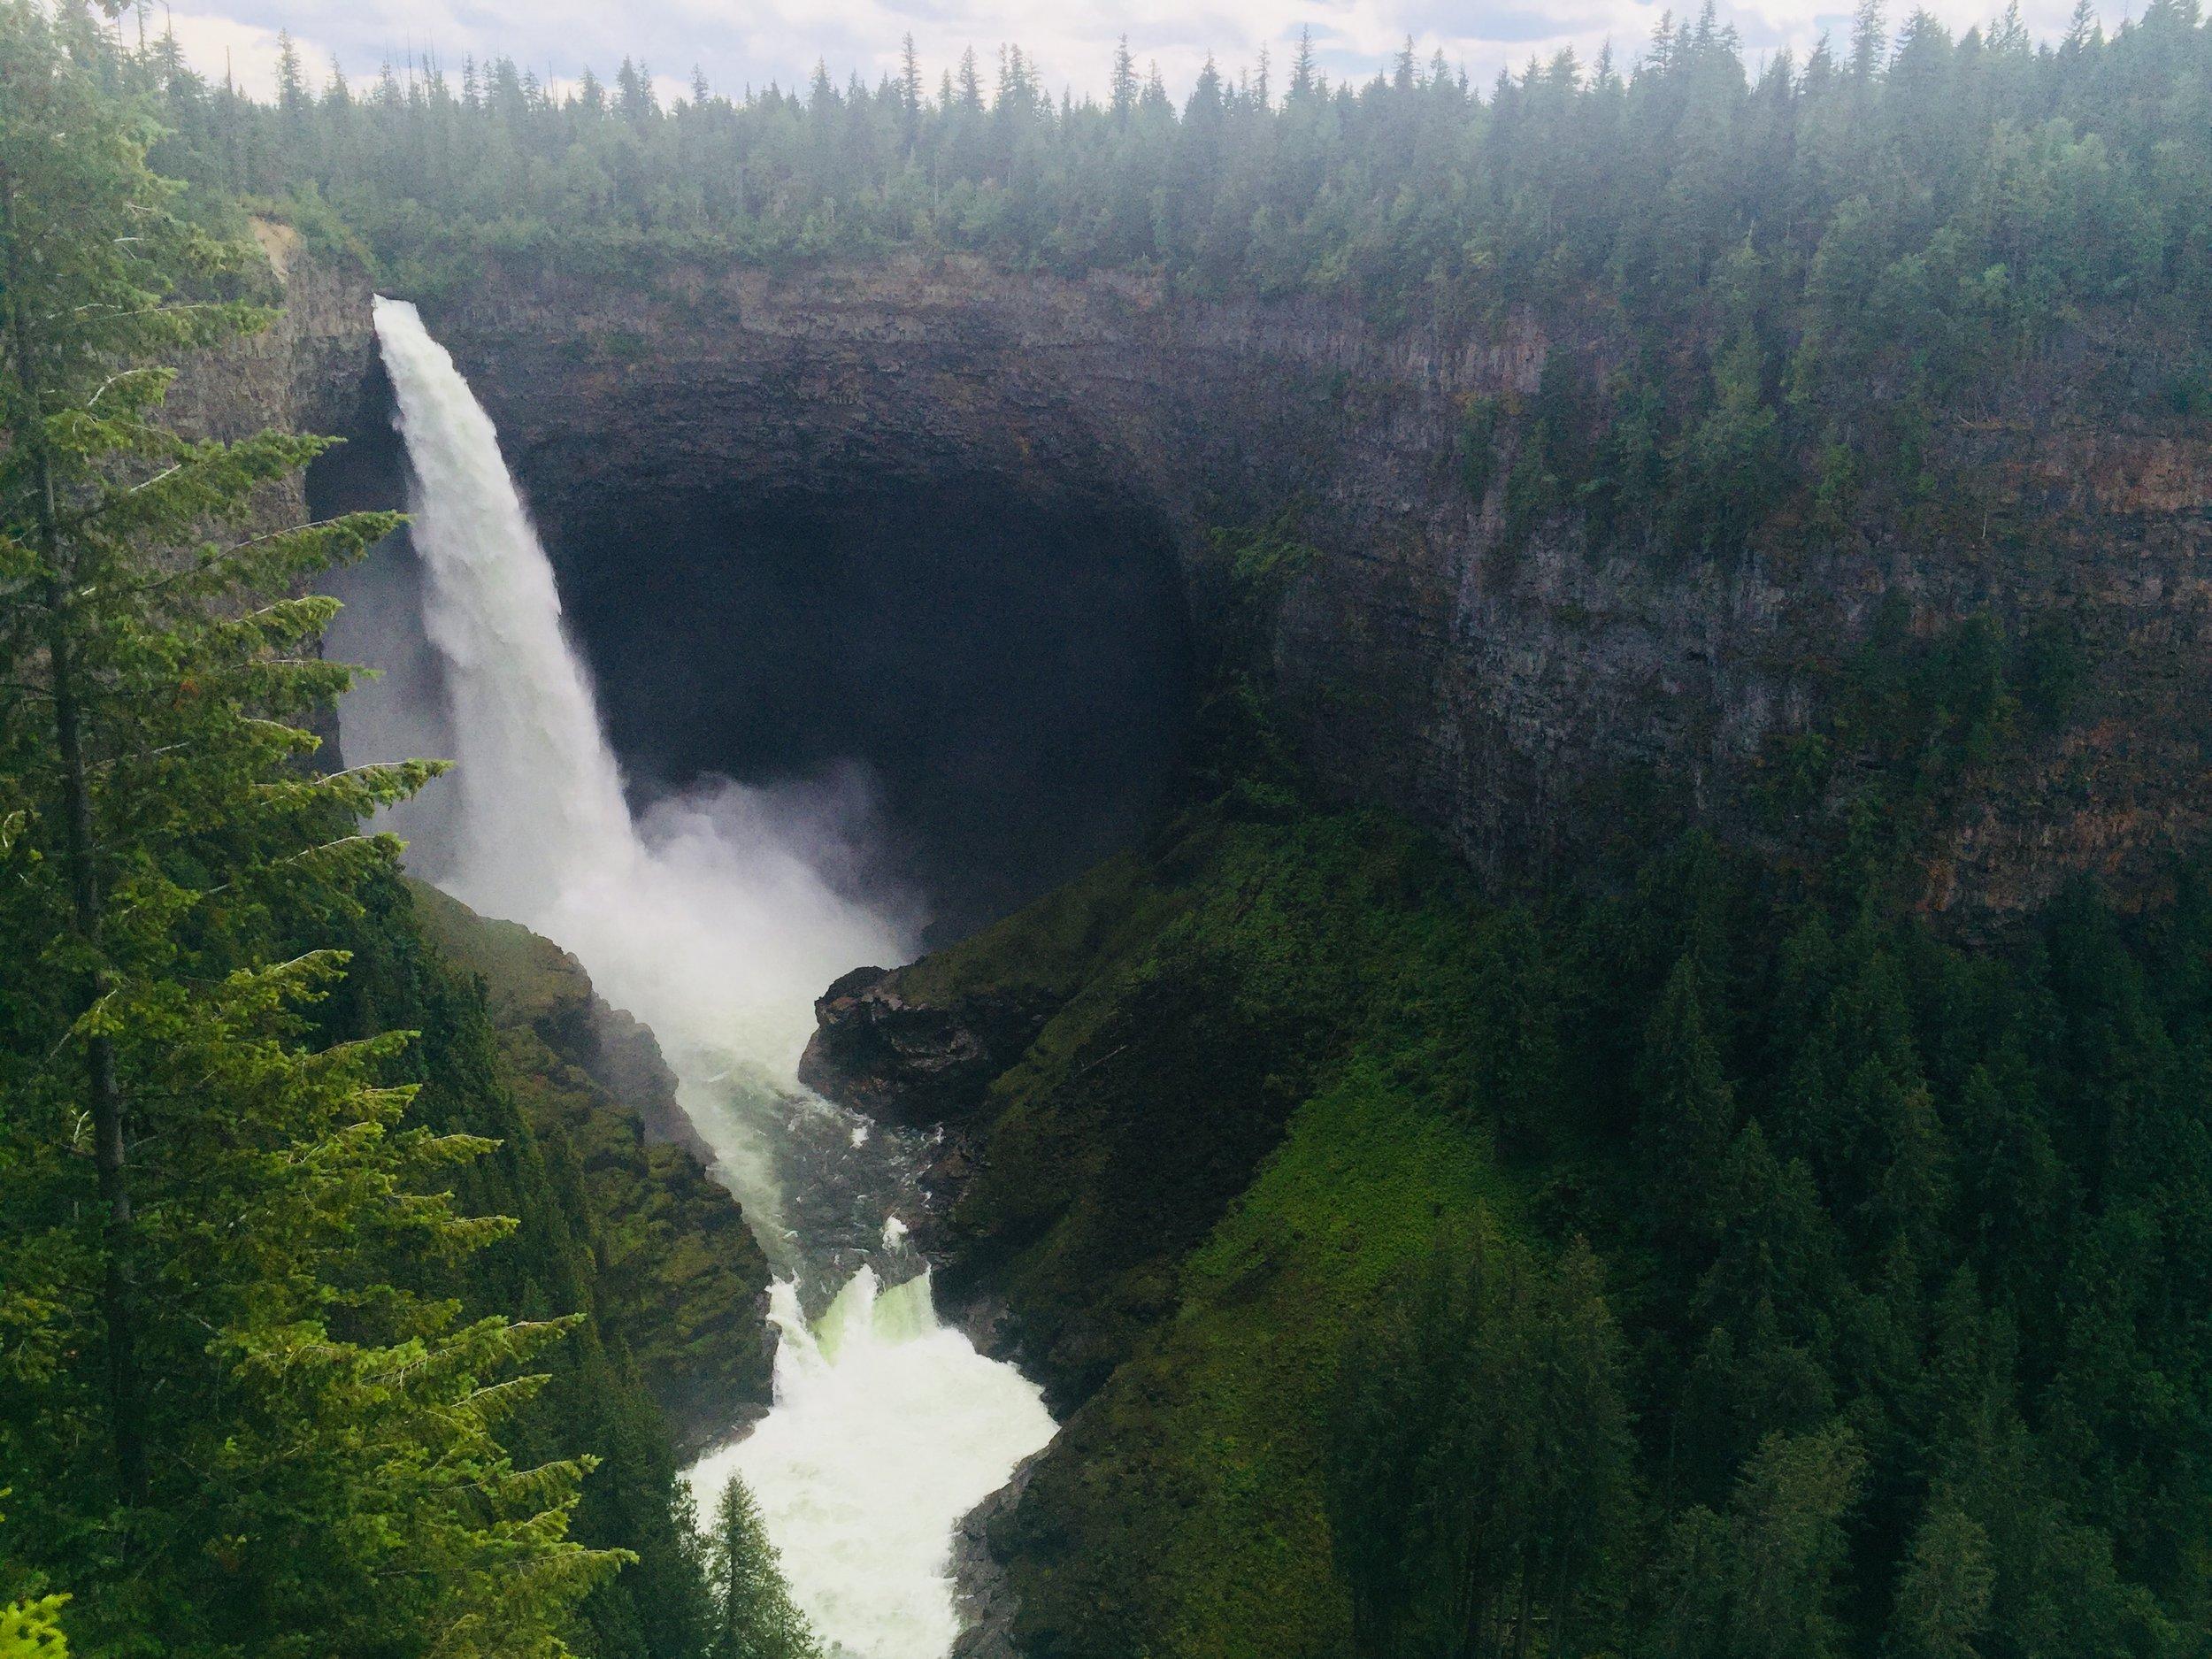 Helmckn Falls in Wells Gray Provincial Park